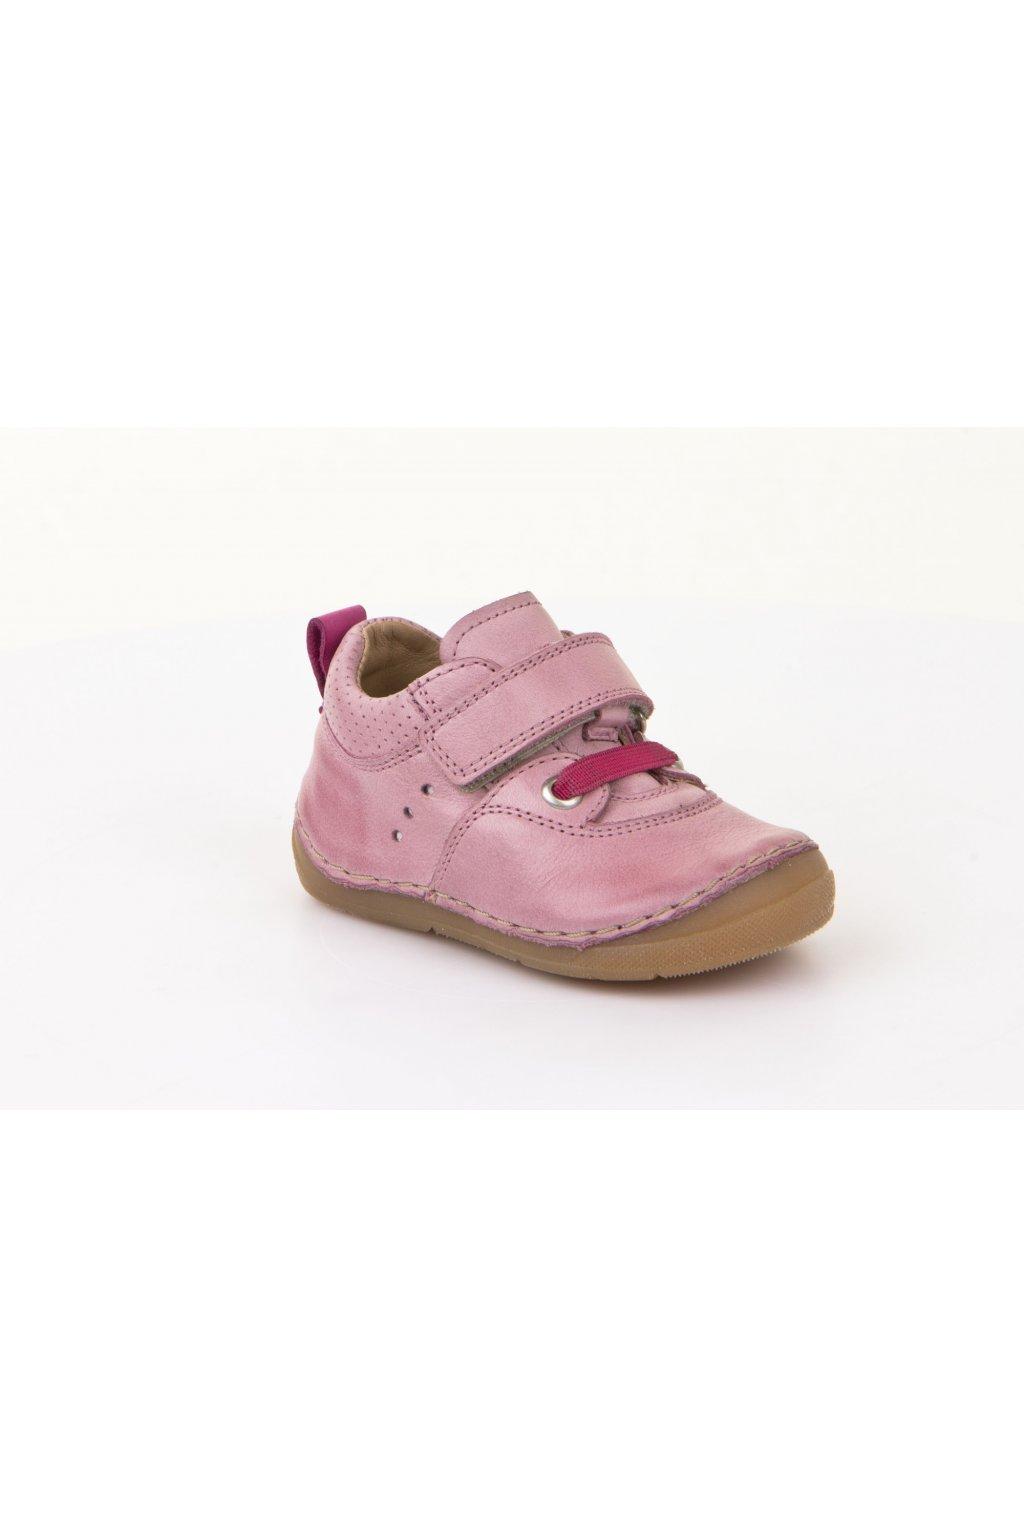 Froddo Shoes nízke - bledoružové